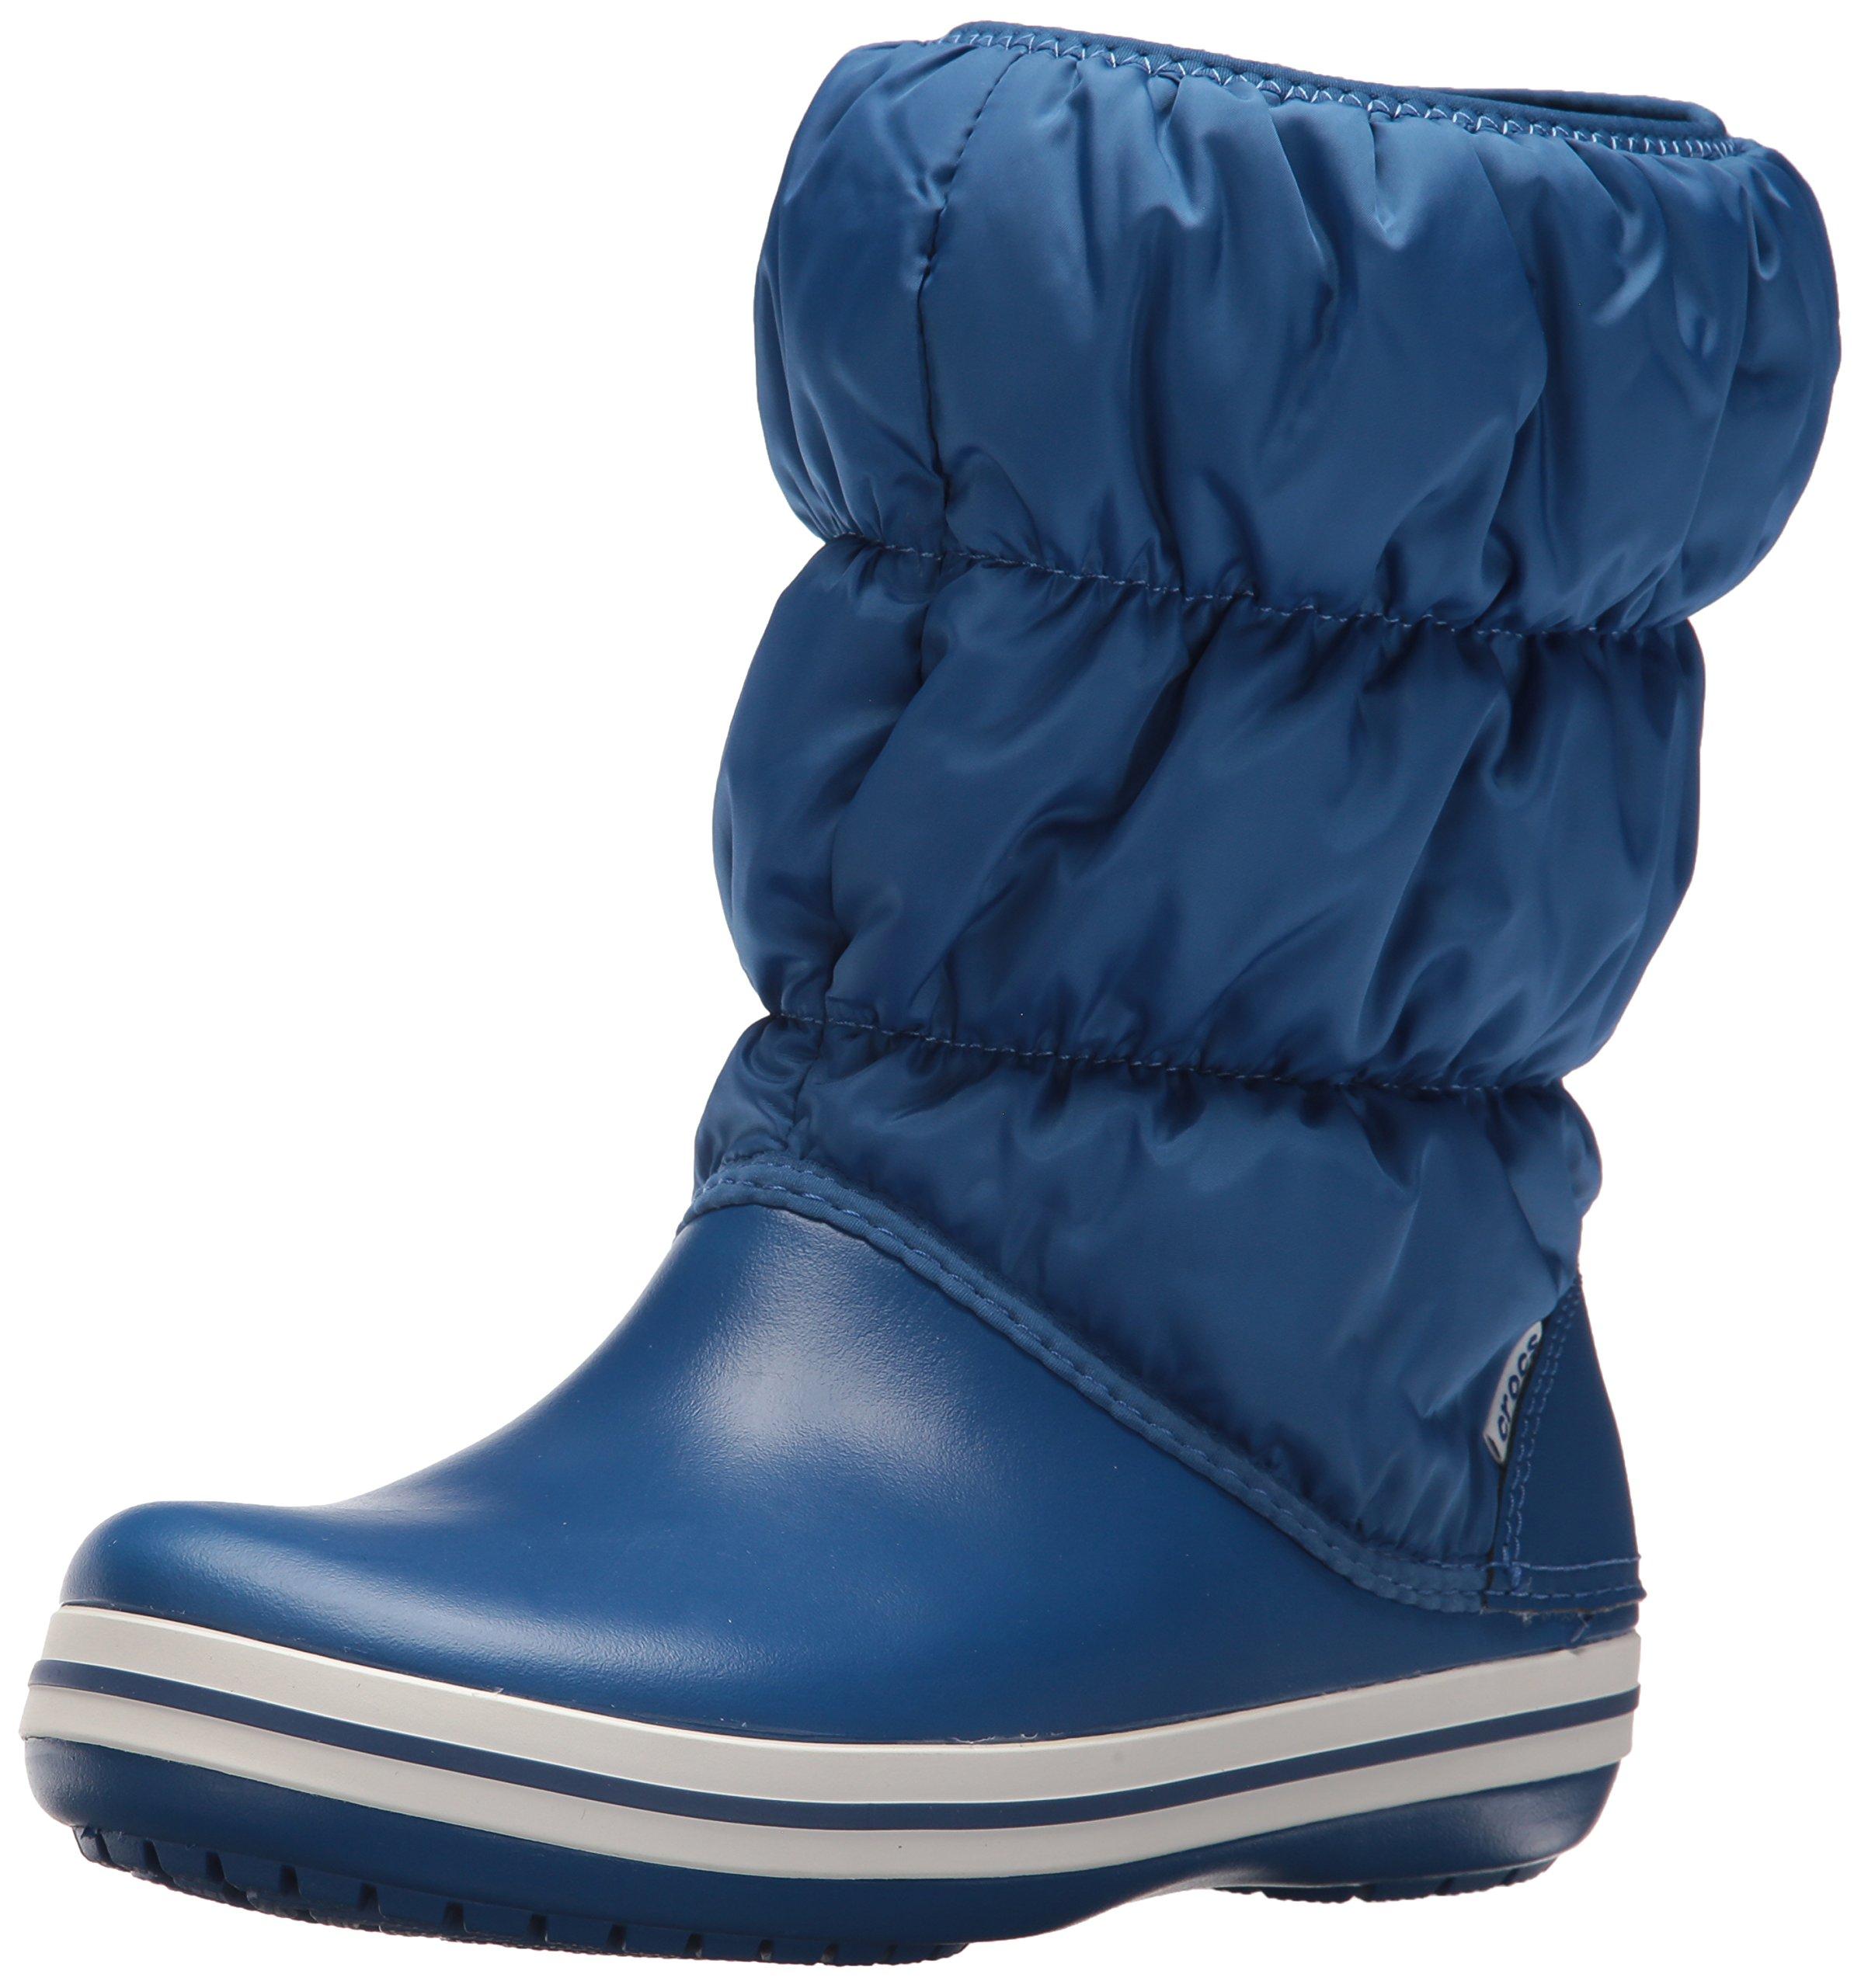 Puff FemmeBleublue Eu WomenBottes Crocs Winter blue Jean39 40 Boot Jean UpGqSLzMV